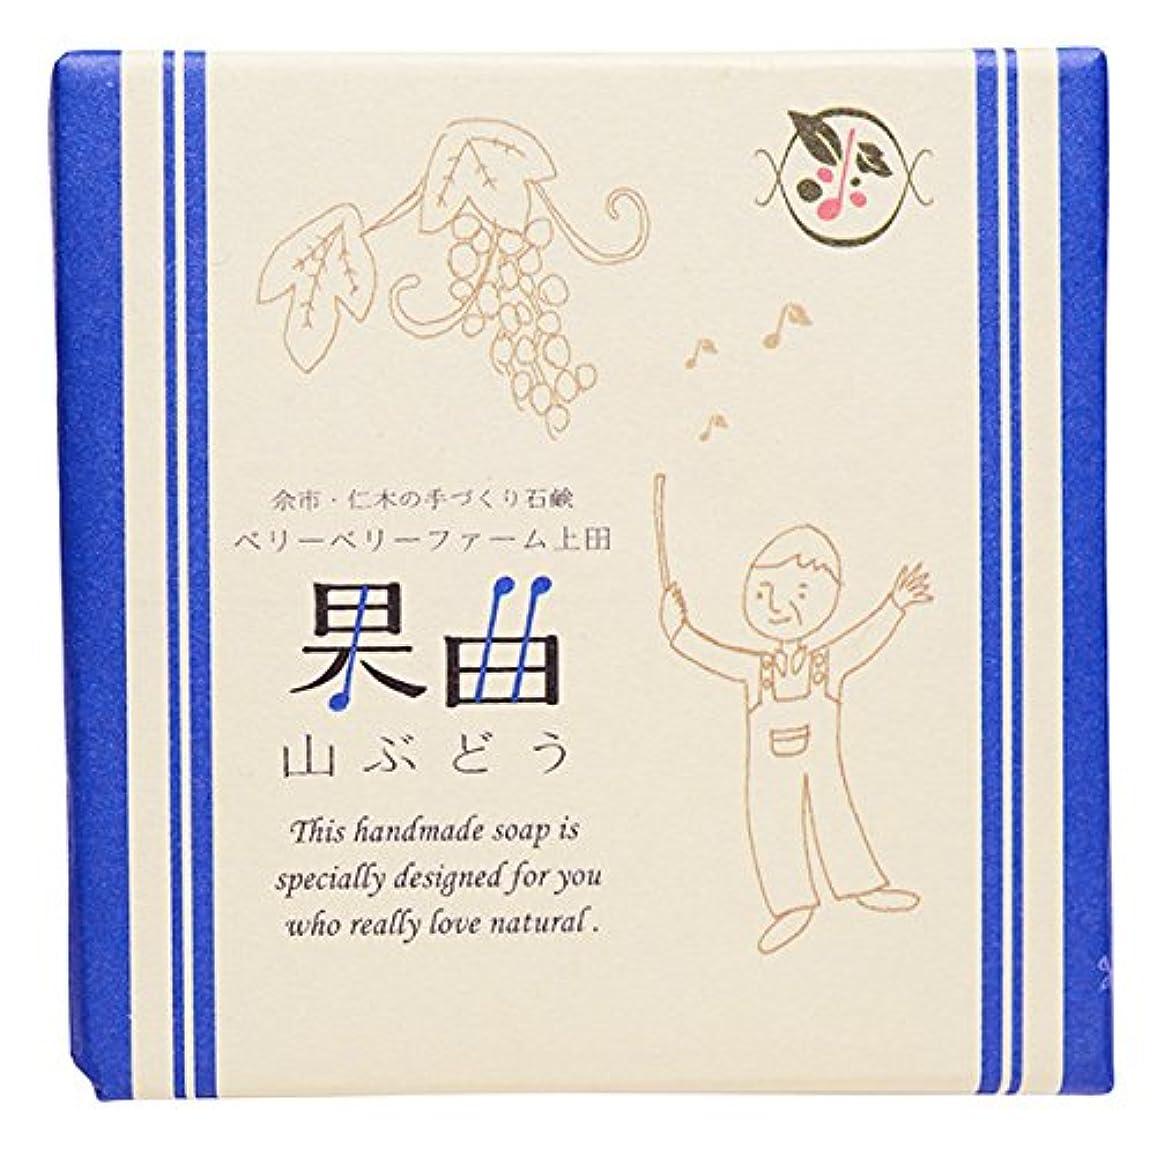 正確なジャケットストライド余市町仁木のベリーベリーファーム上田との共同開発 果曲(山ぶどう)純練り石鹸